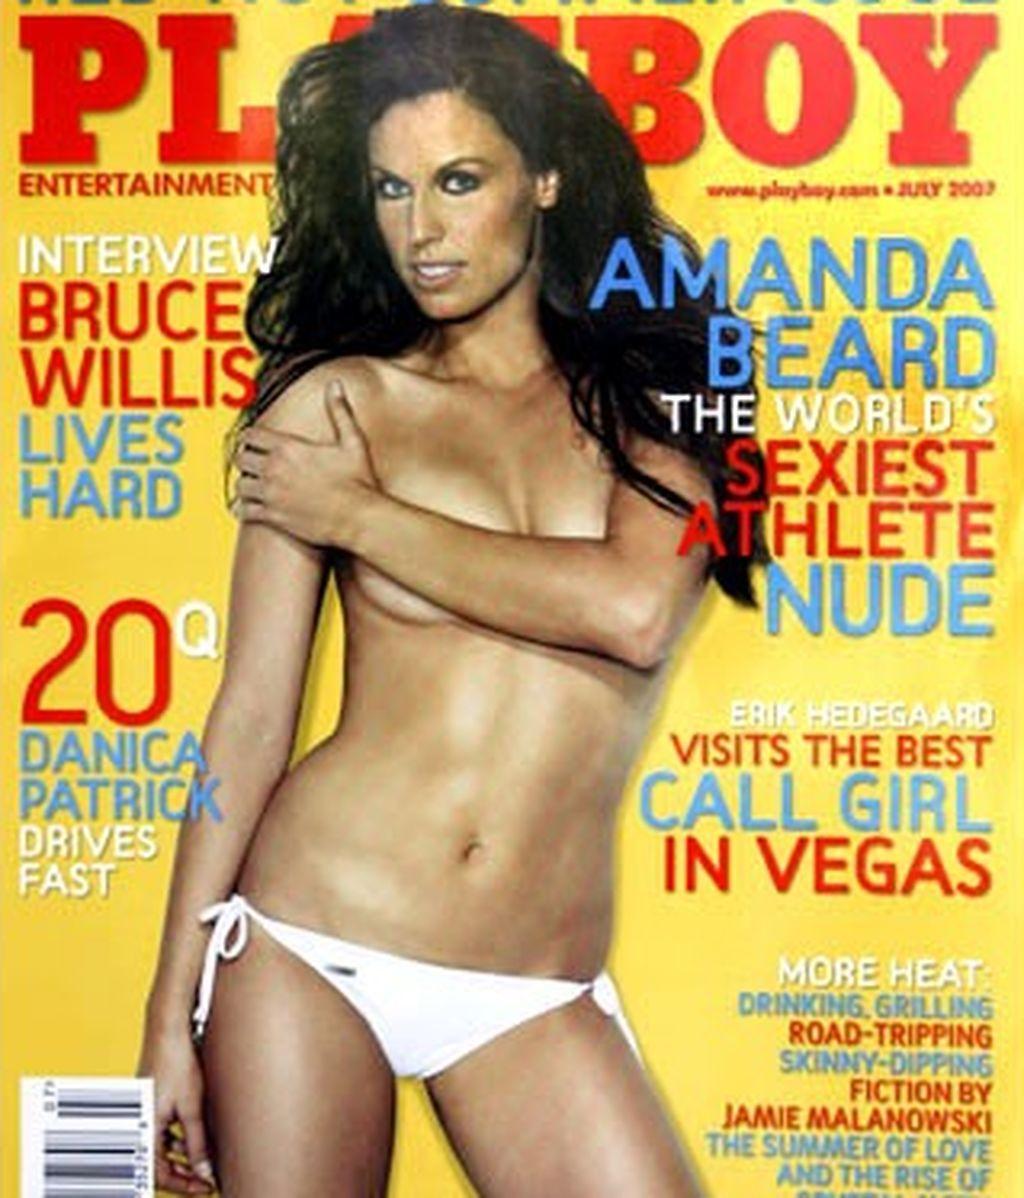 Amanda Beard, nadadora estadounidense